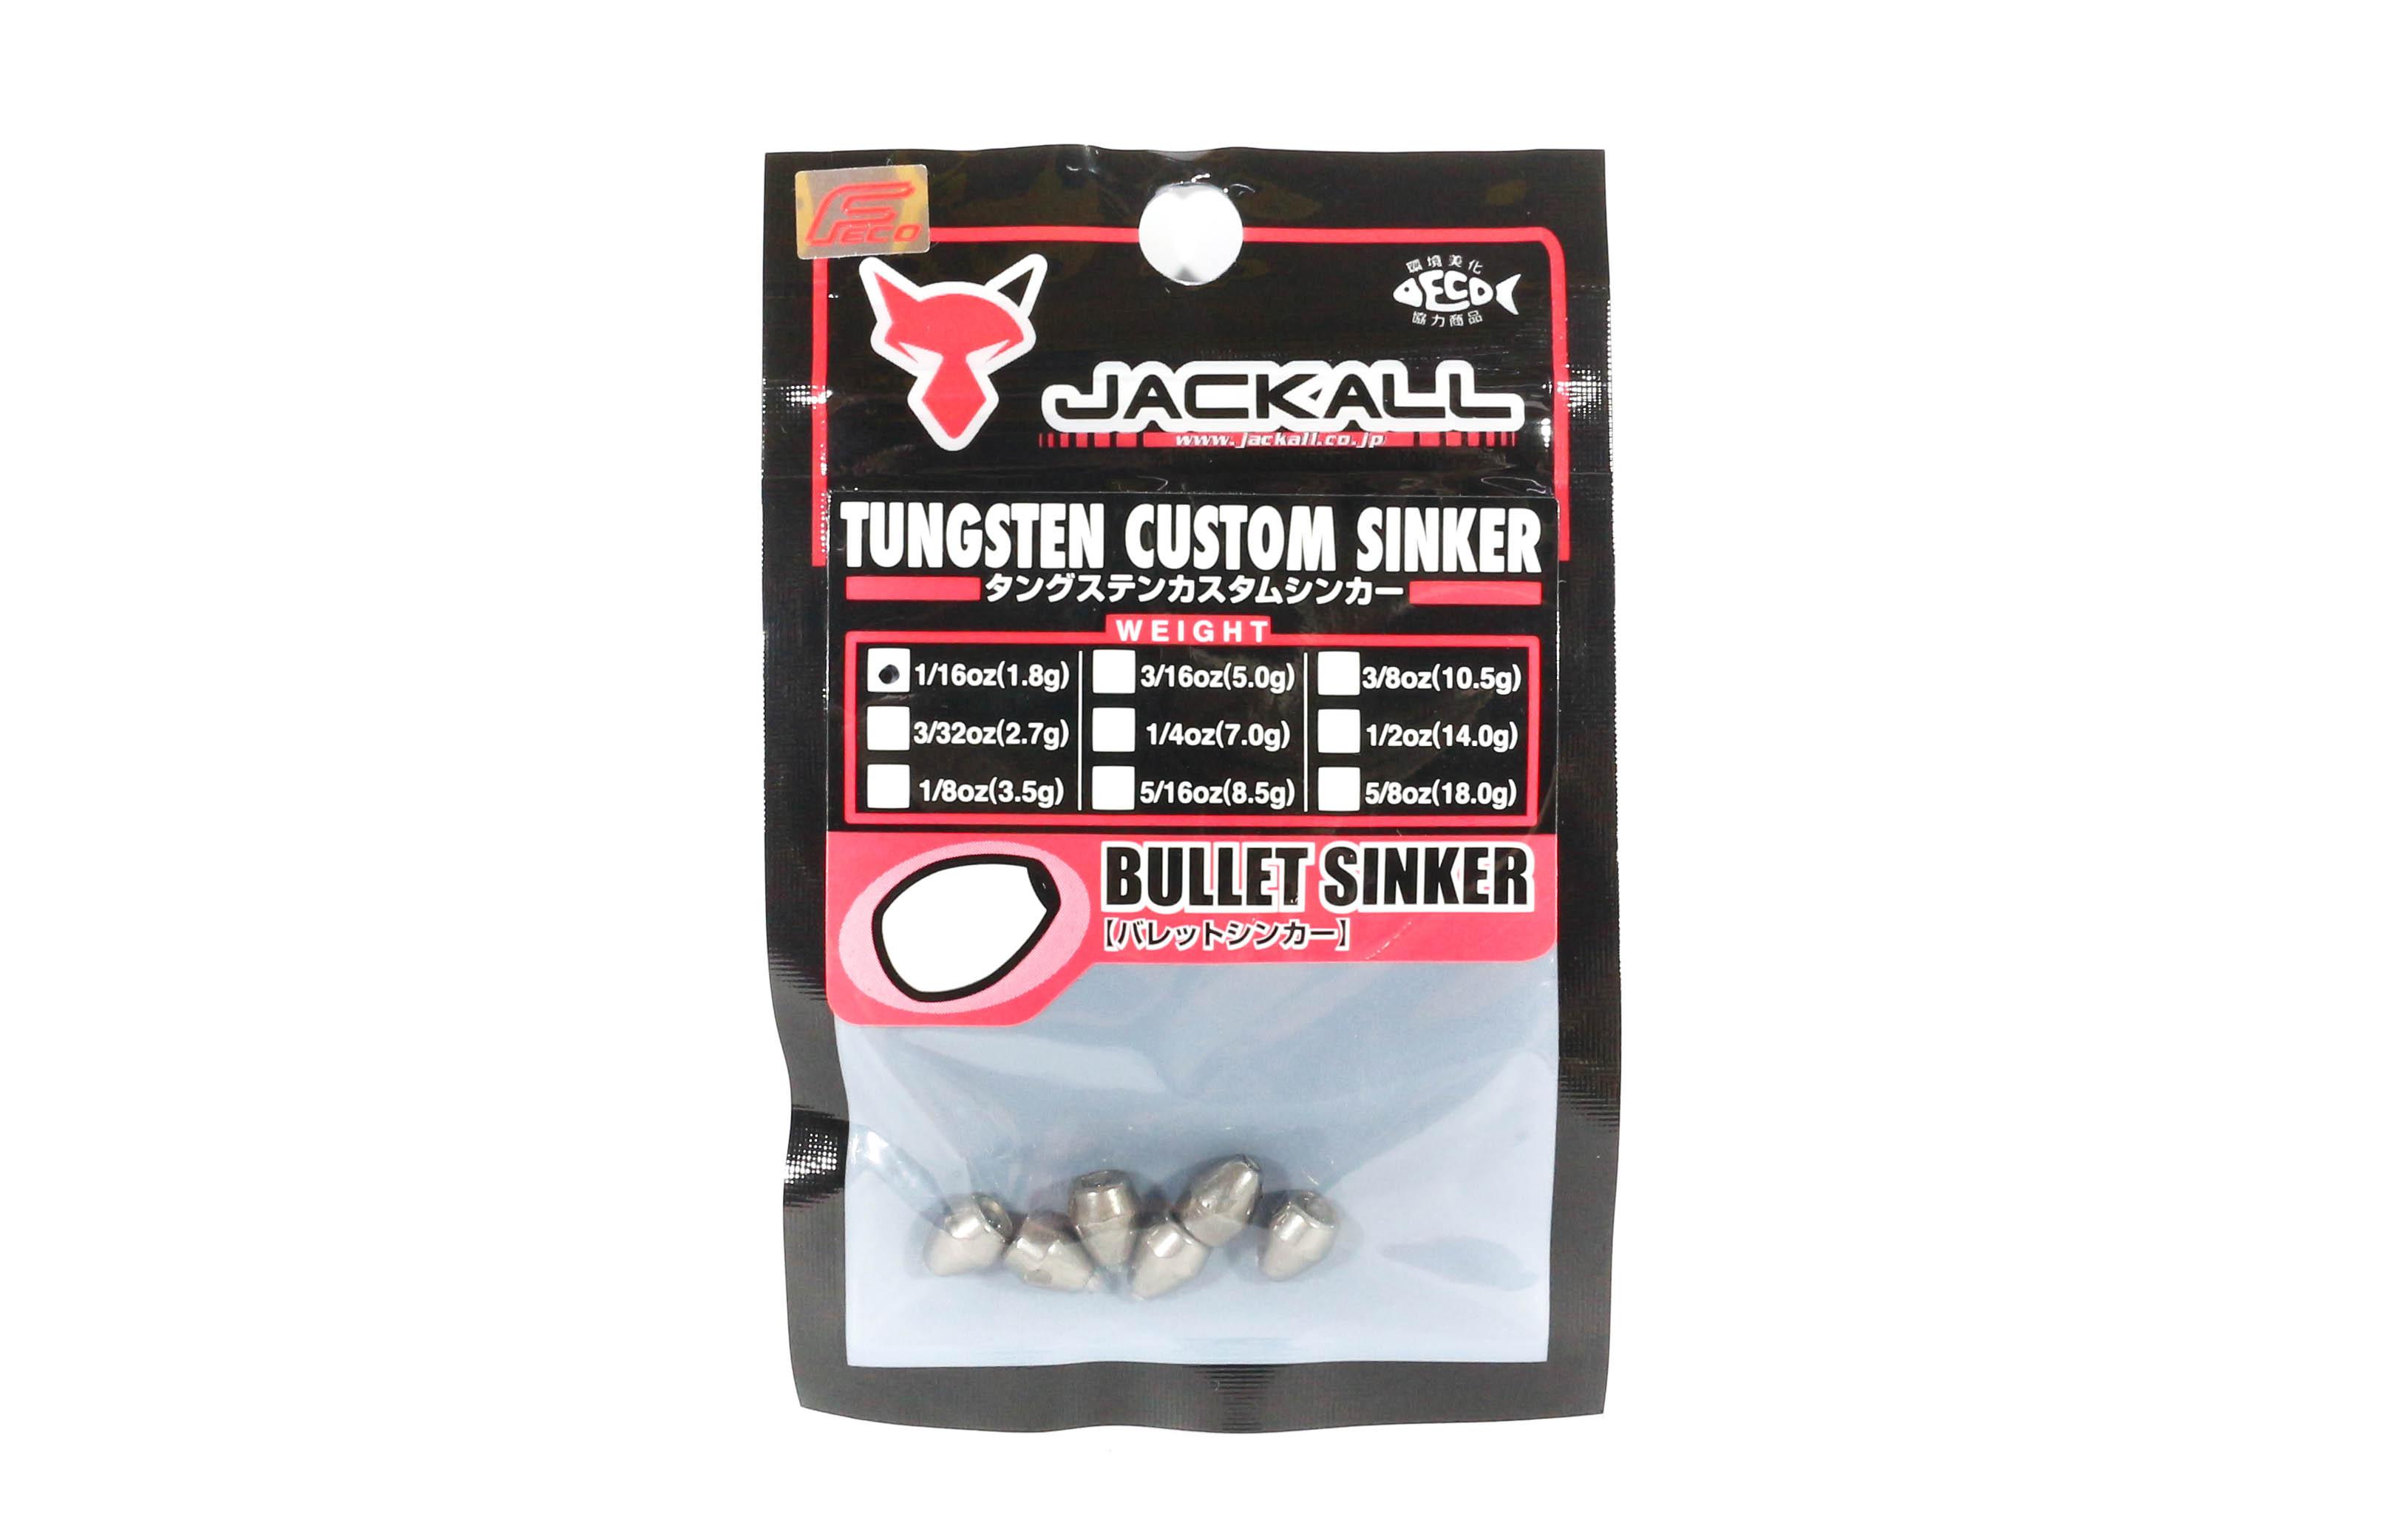 Jackall Tungsten Bullet Sinker Custom Design 1.8 Grams - 6 Pcs Per Pack (8520)